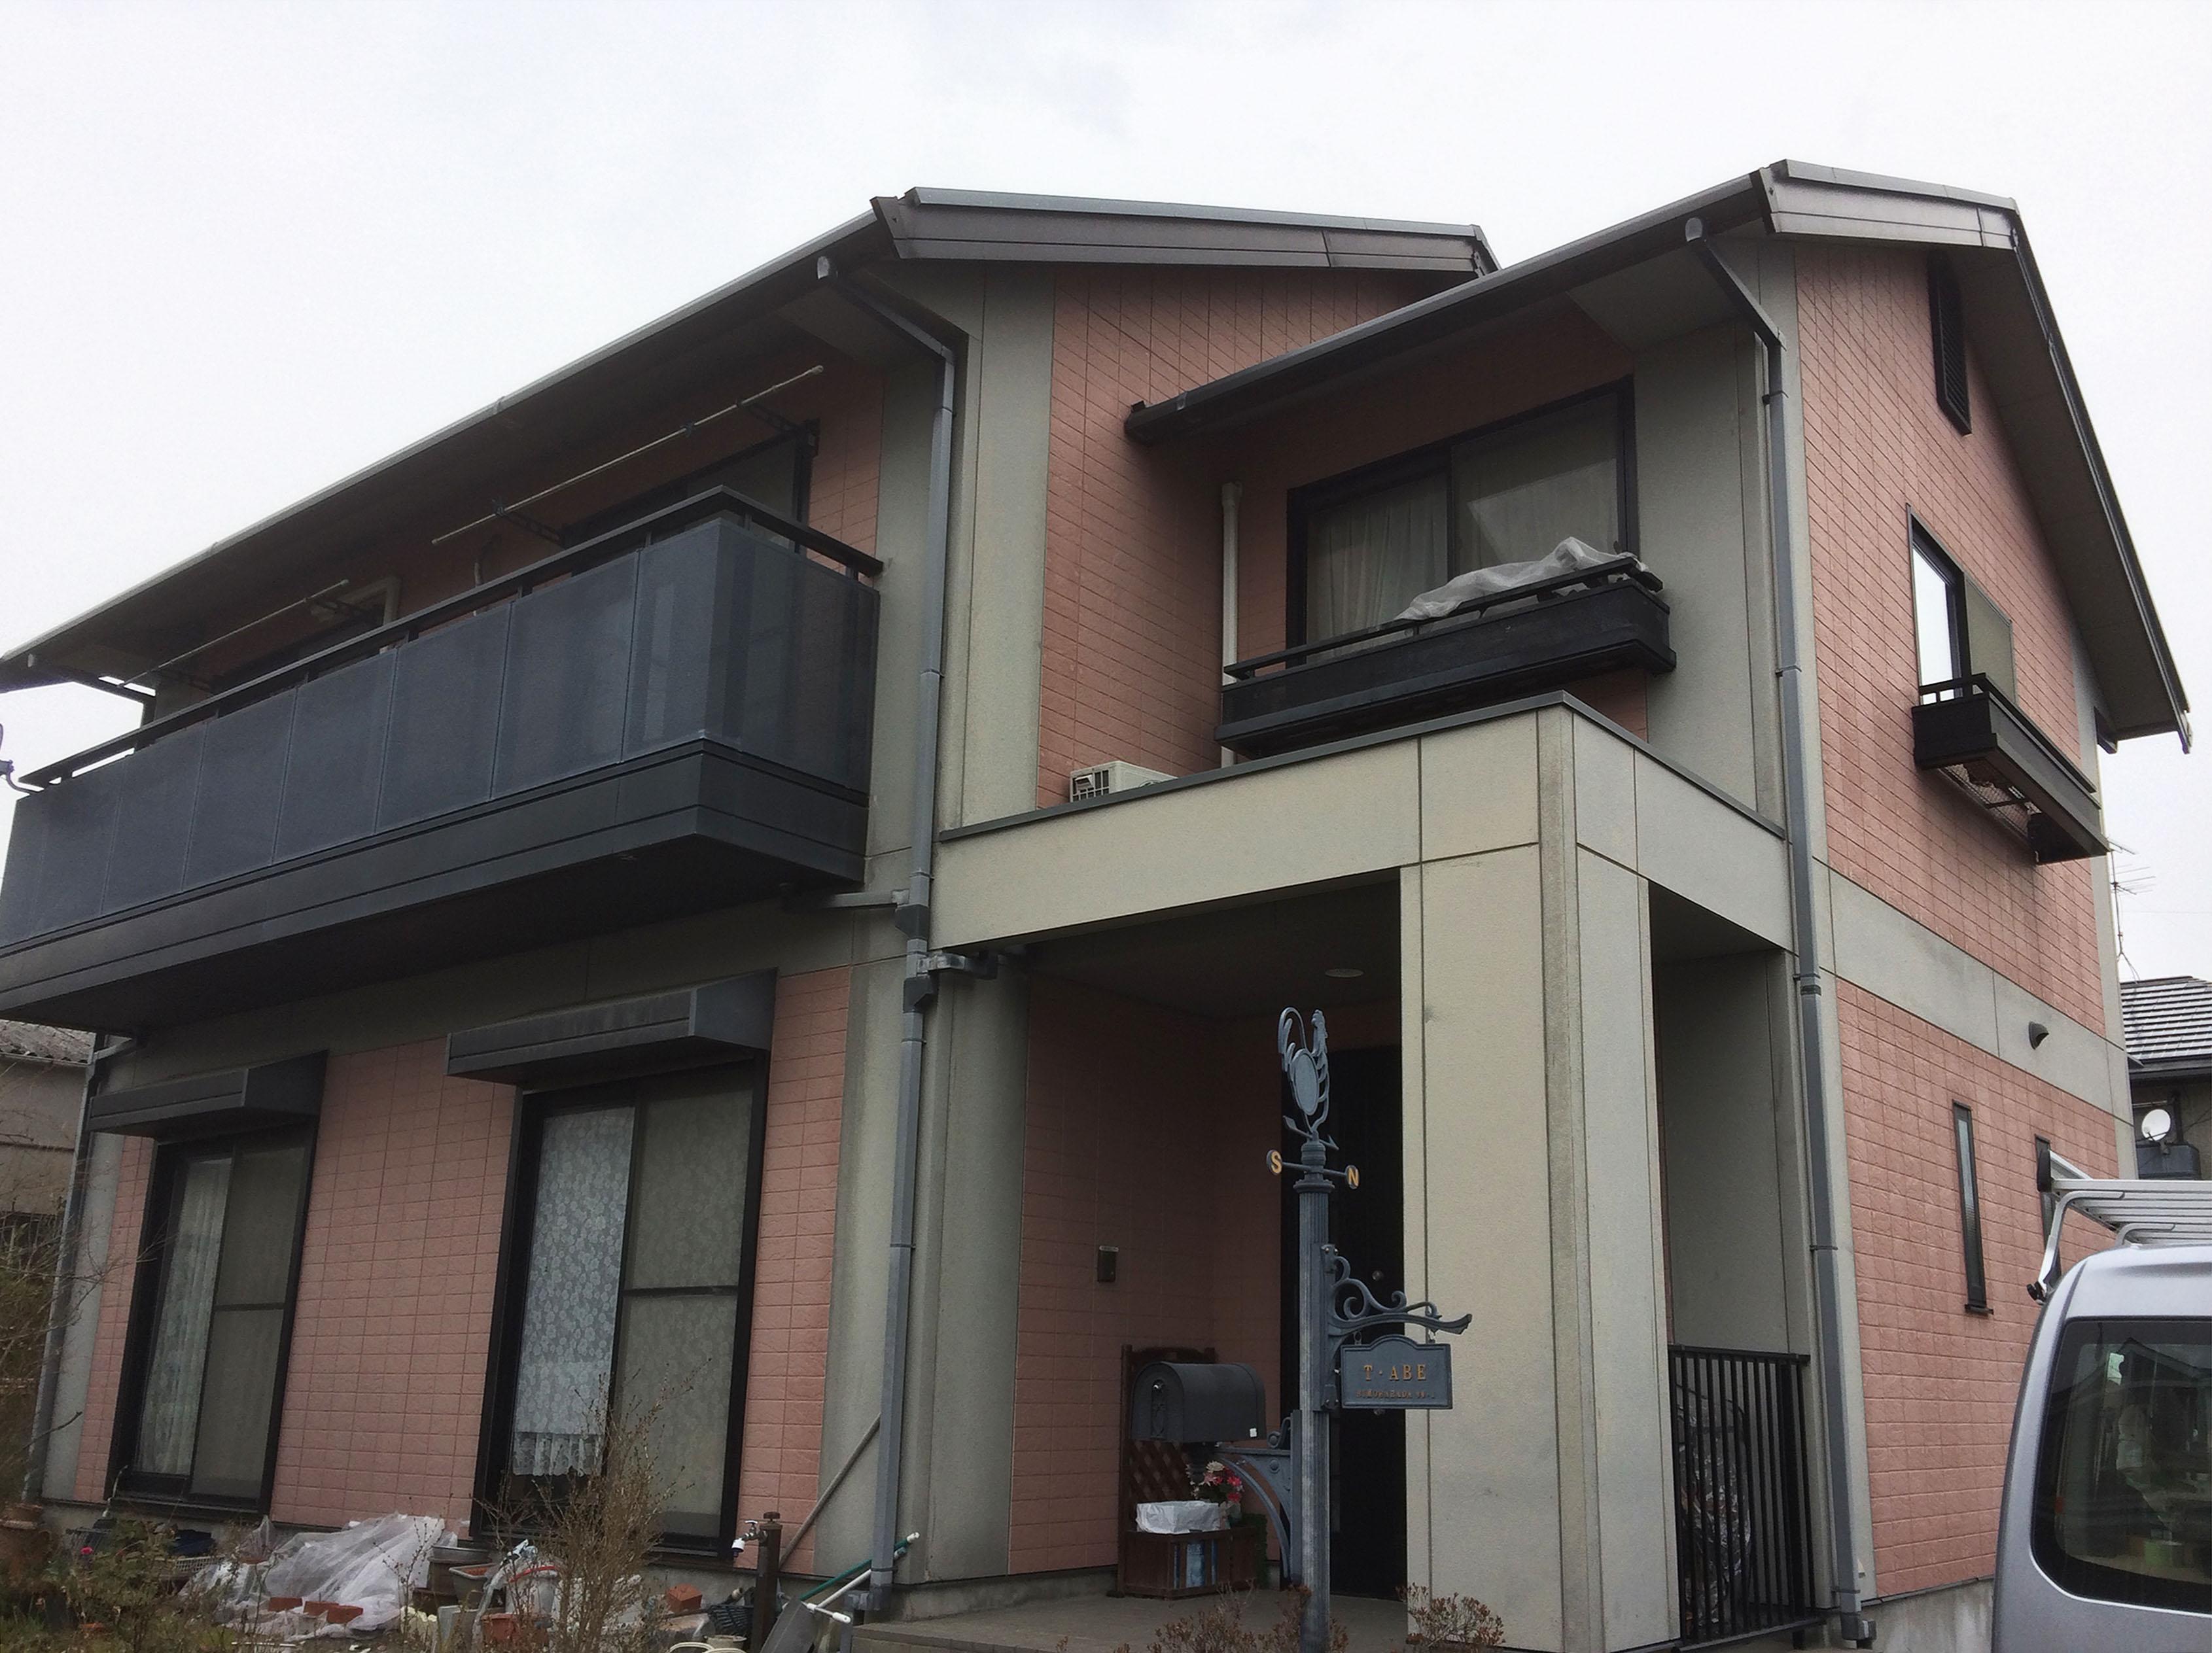 亘理町A邸 外壁塗装・外装リフォーム 127万円/工期21日間 施工前